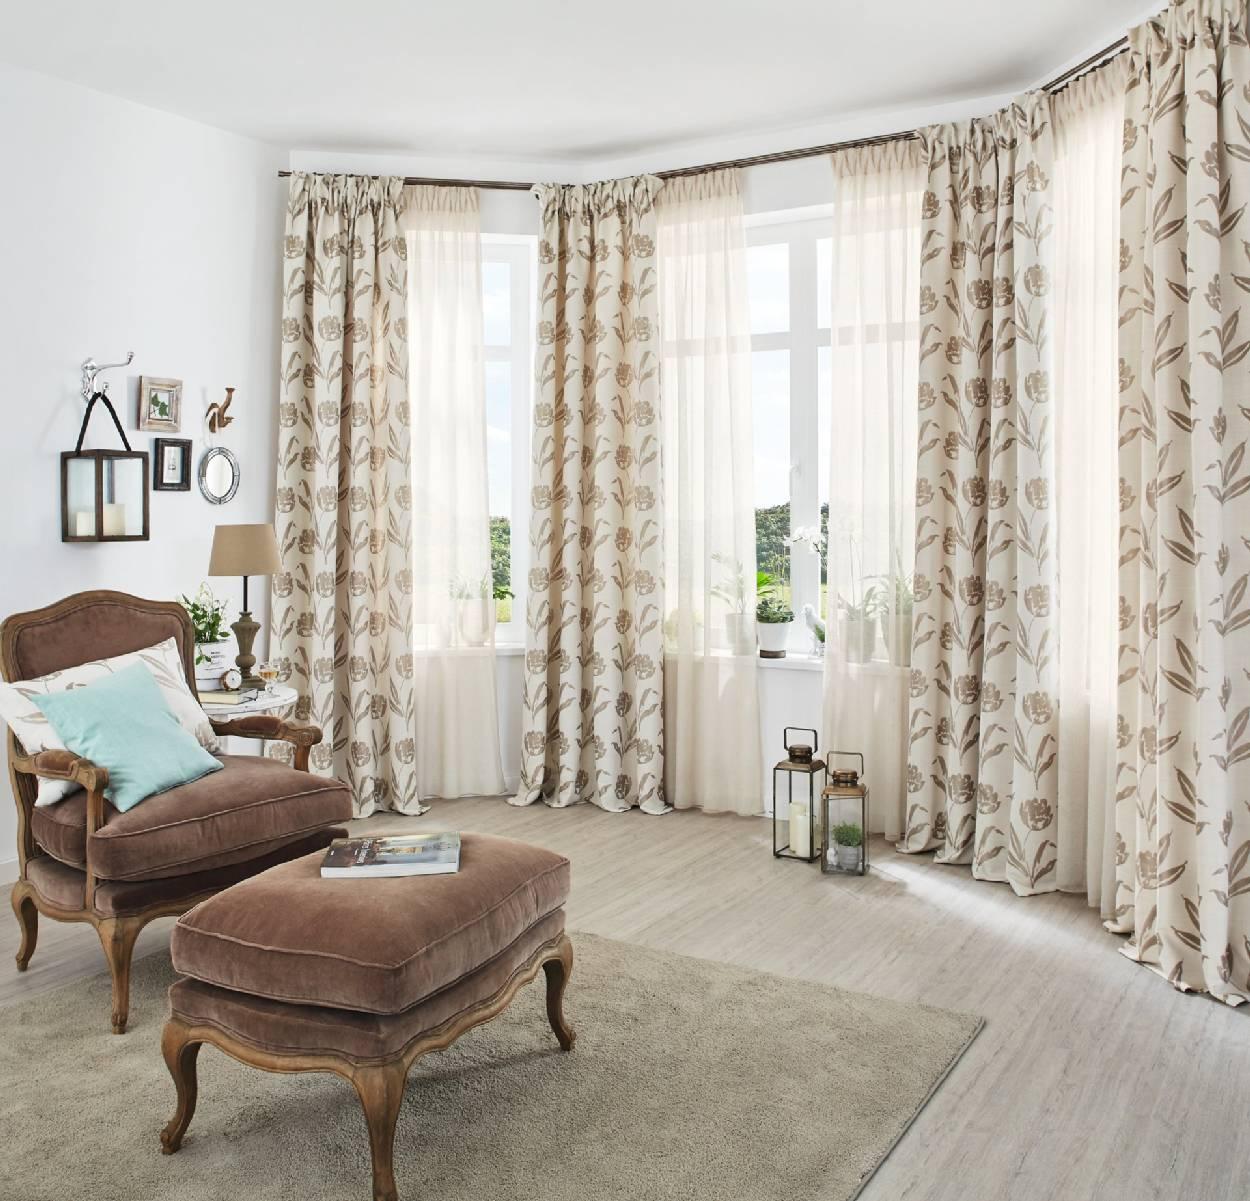 kleine wohnungen einrichten-wie kann ein kleiner raum gestaltet ... - Schone Kleine Wohnzimmer